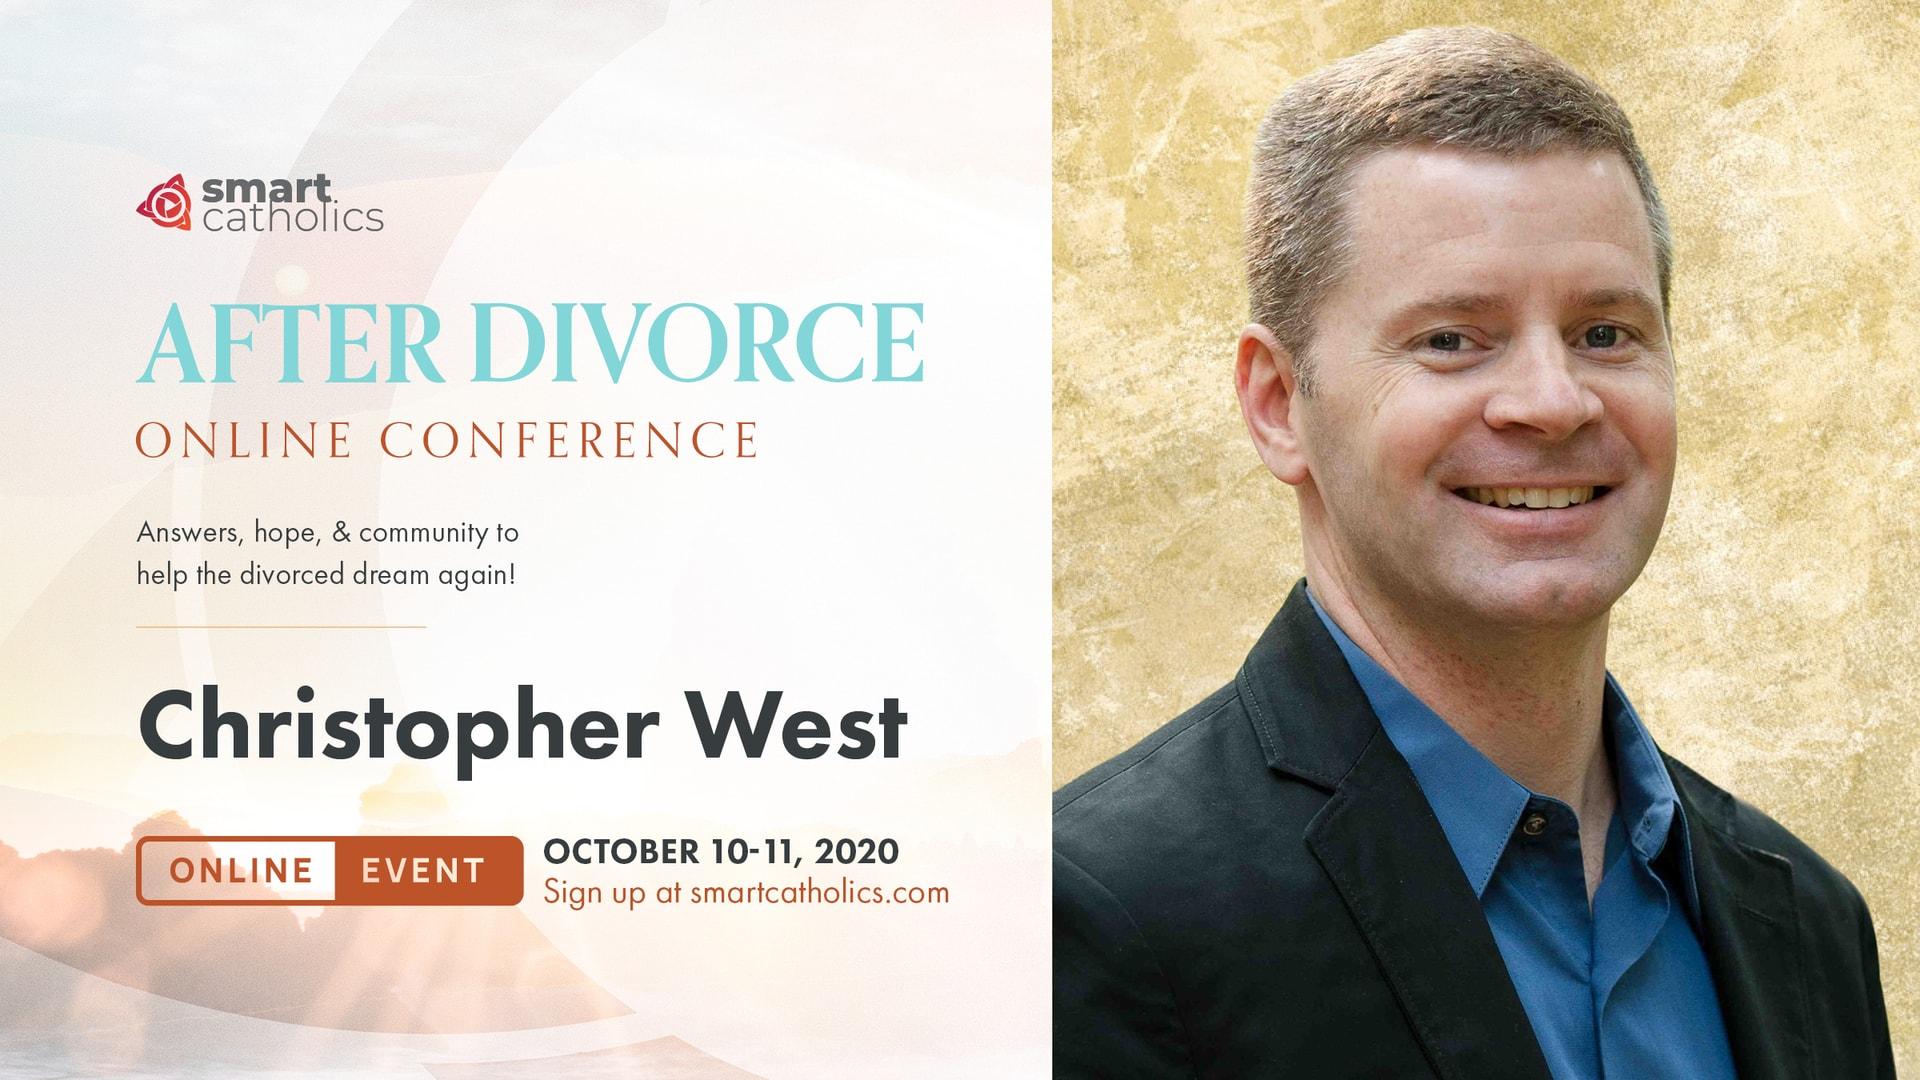 Christopher West - 'After Divorce' 2020 Conference